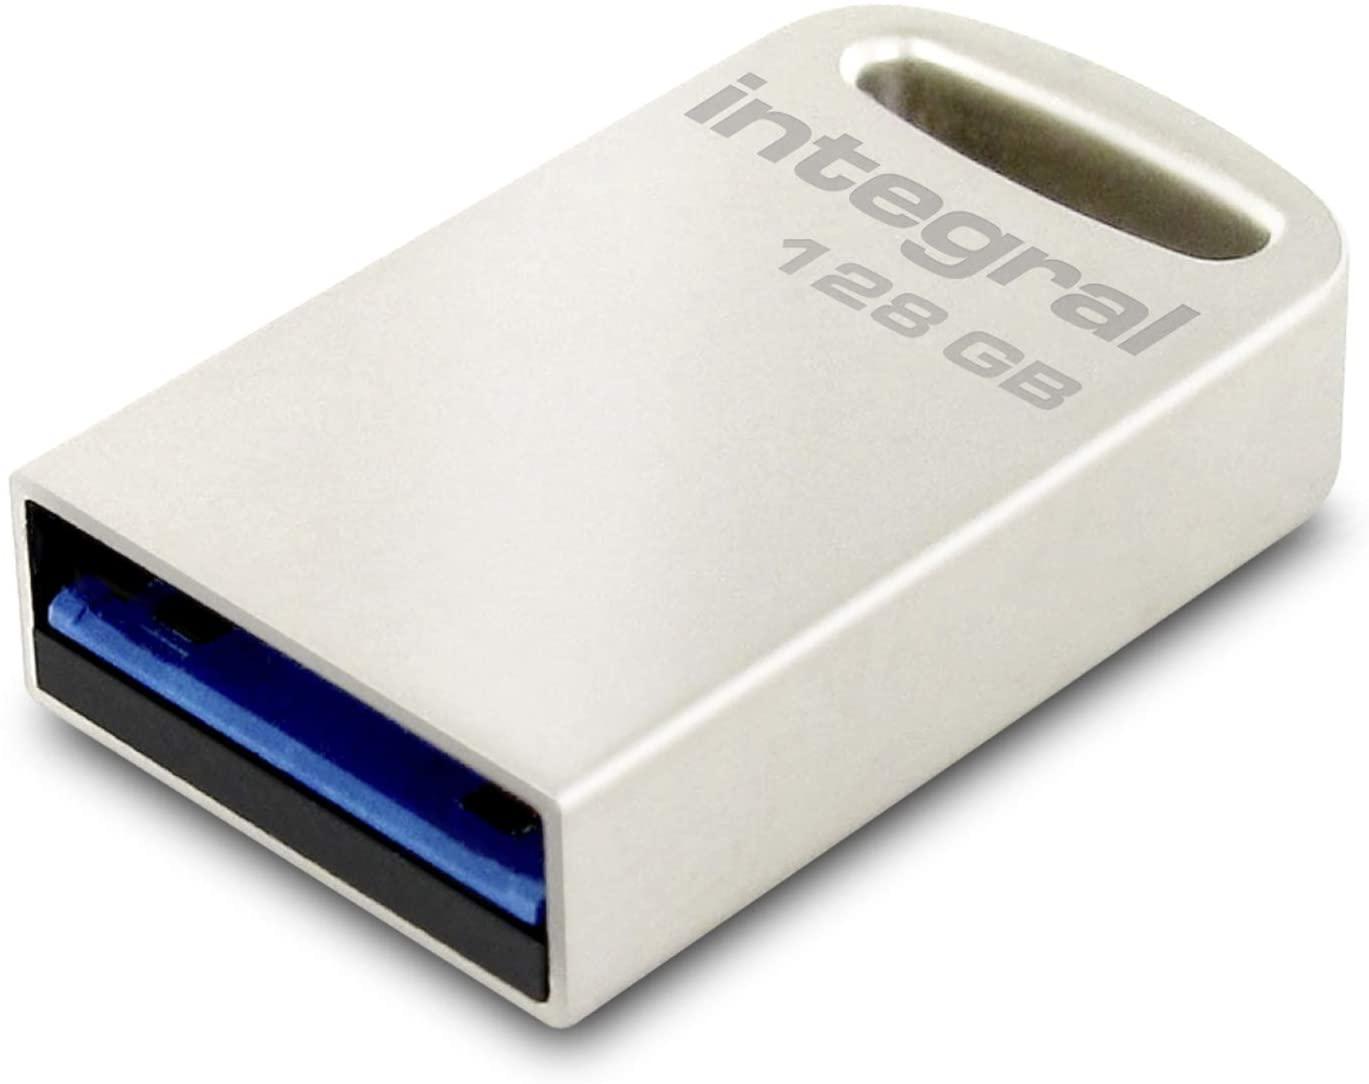 128GB Integral Metal Fusion USB 3.0 Fl